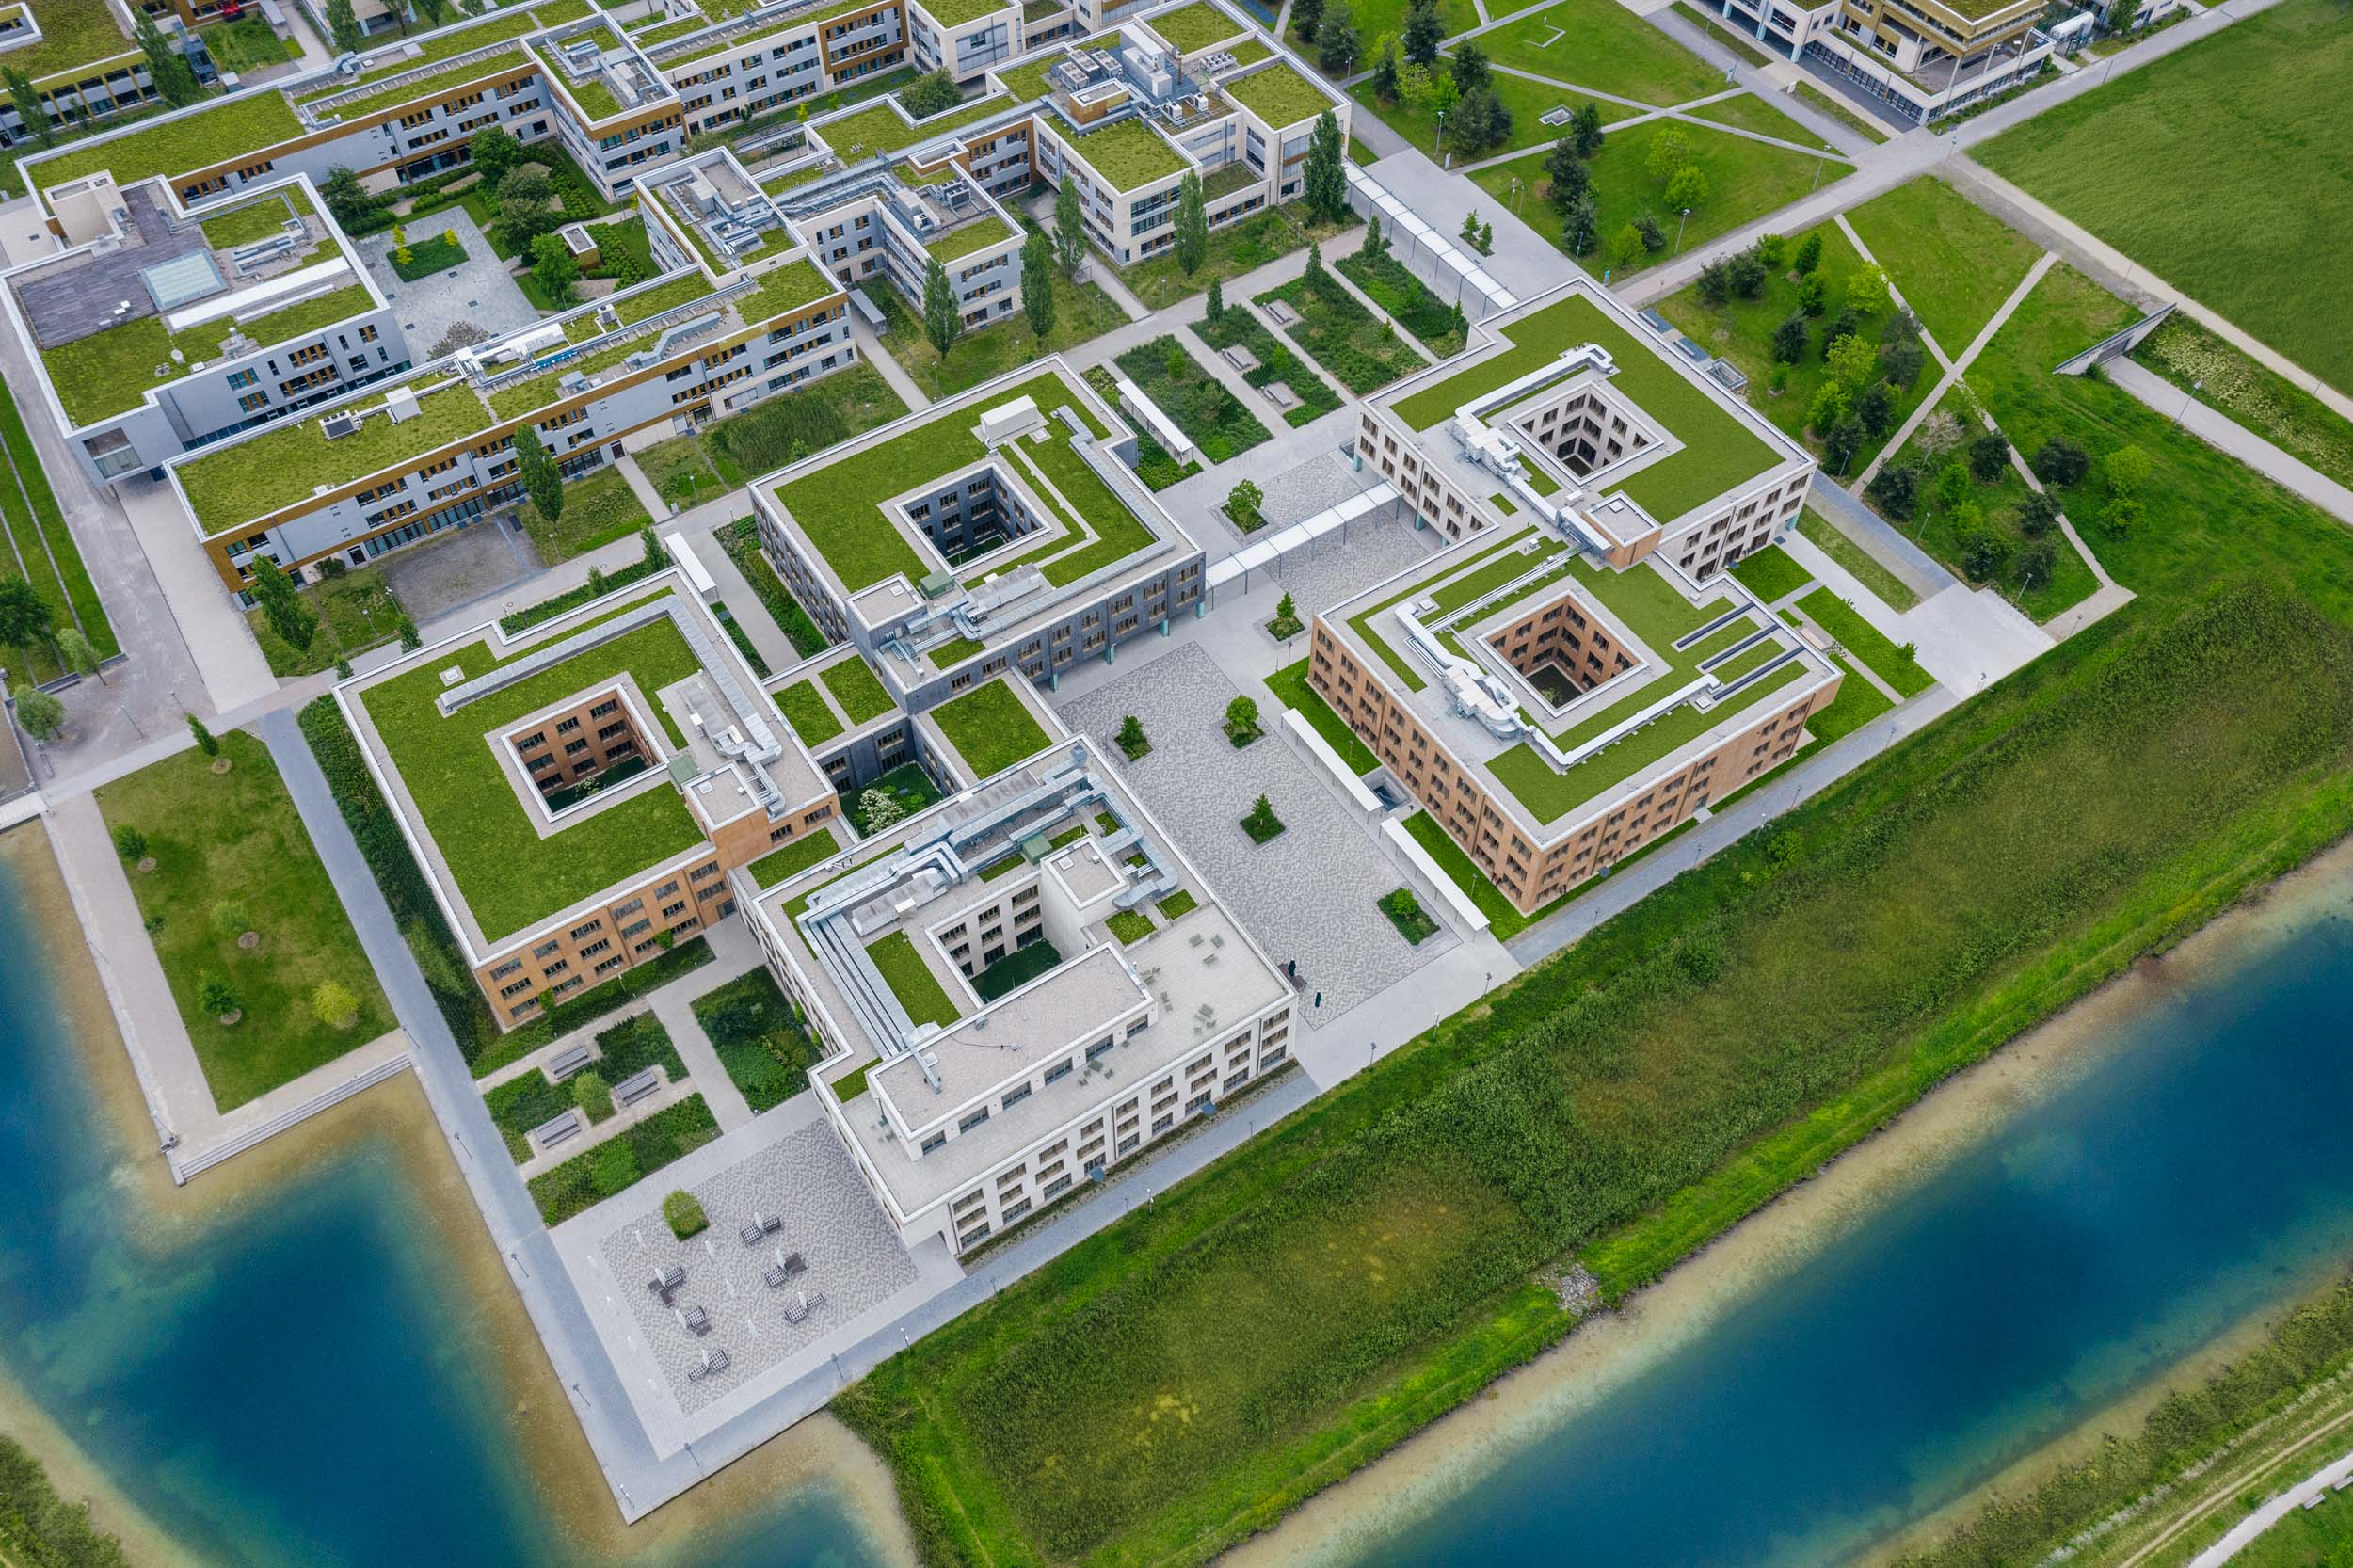 Gustav-Epple-Bauunternehmung-Campeon-München-Infineon_BA2_DJI_0761#02